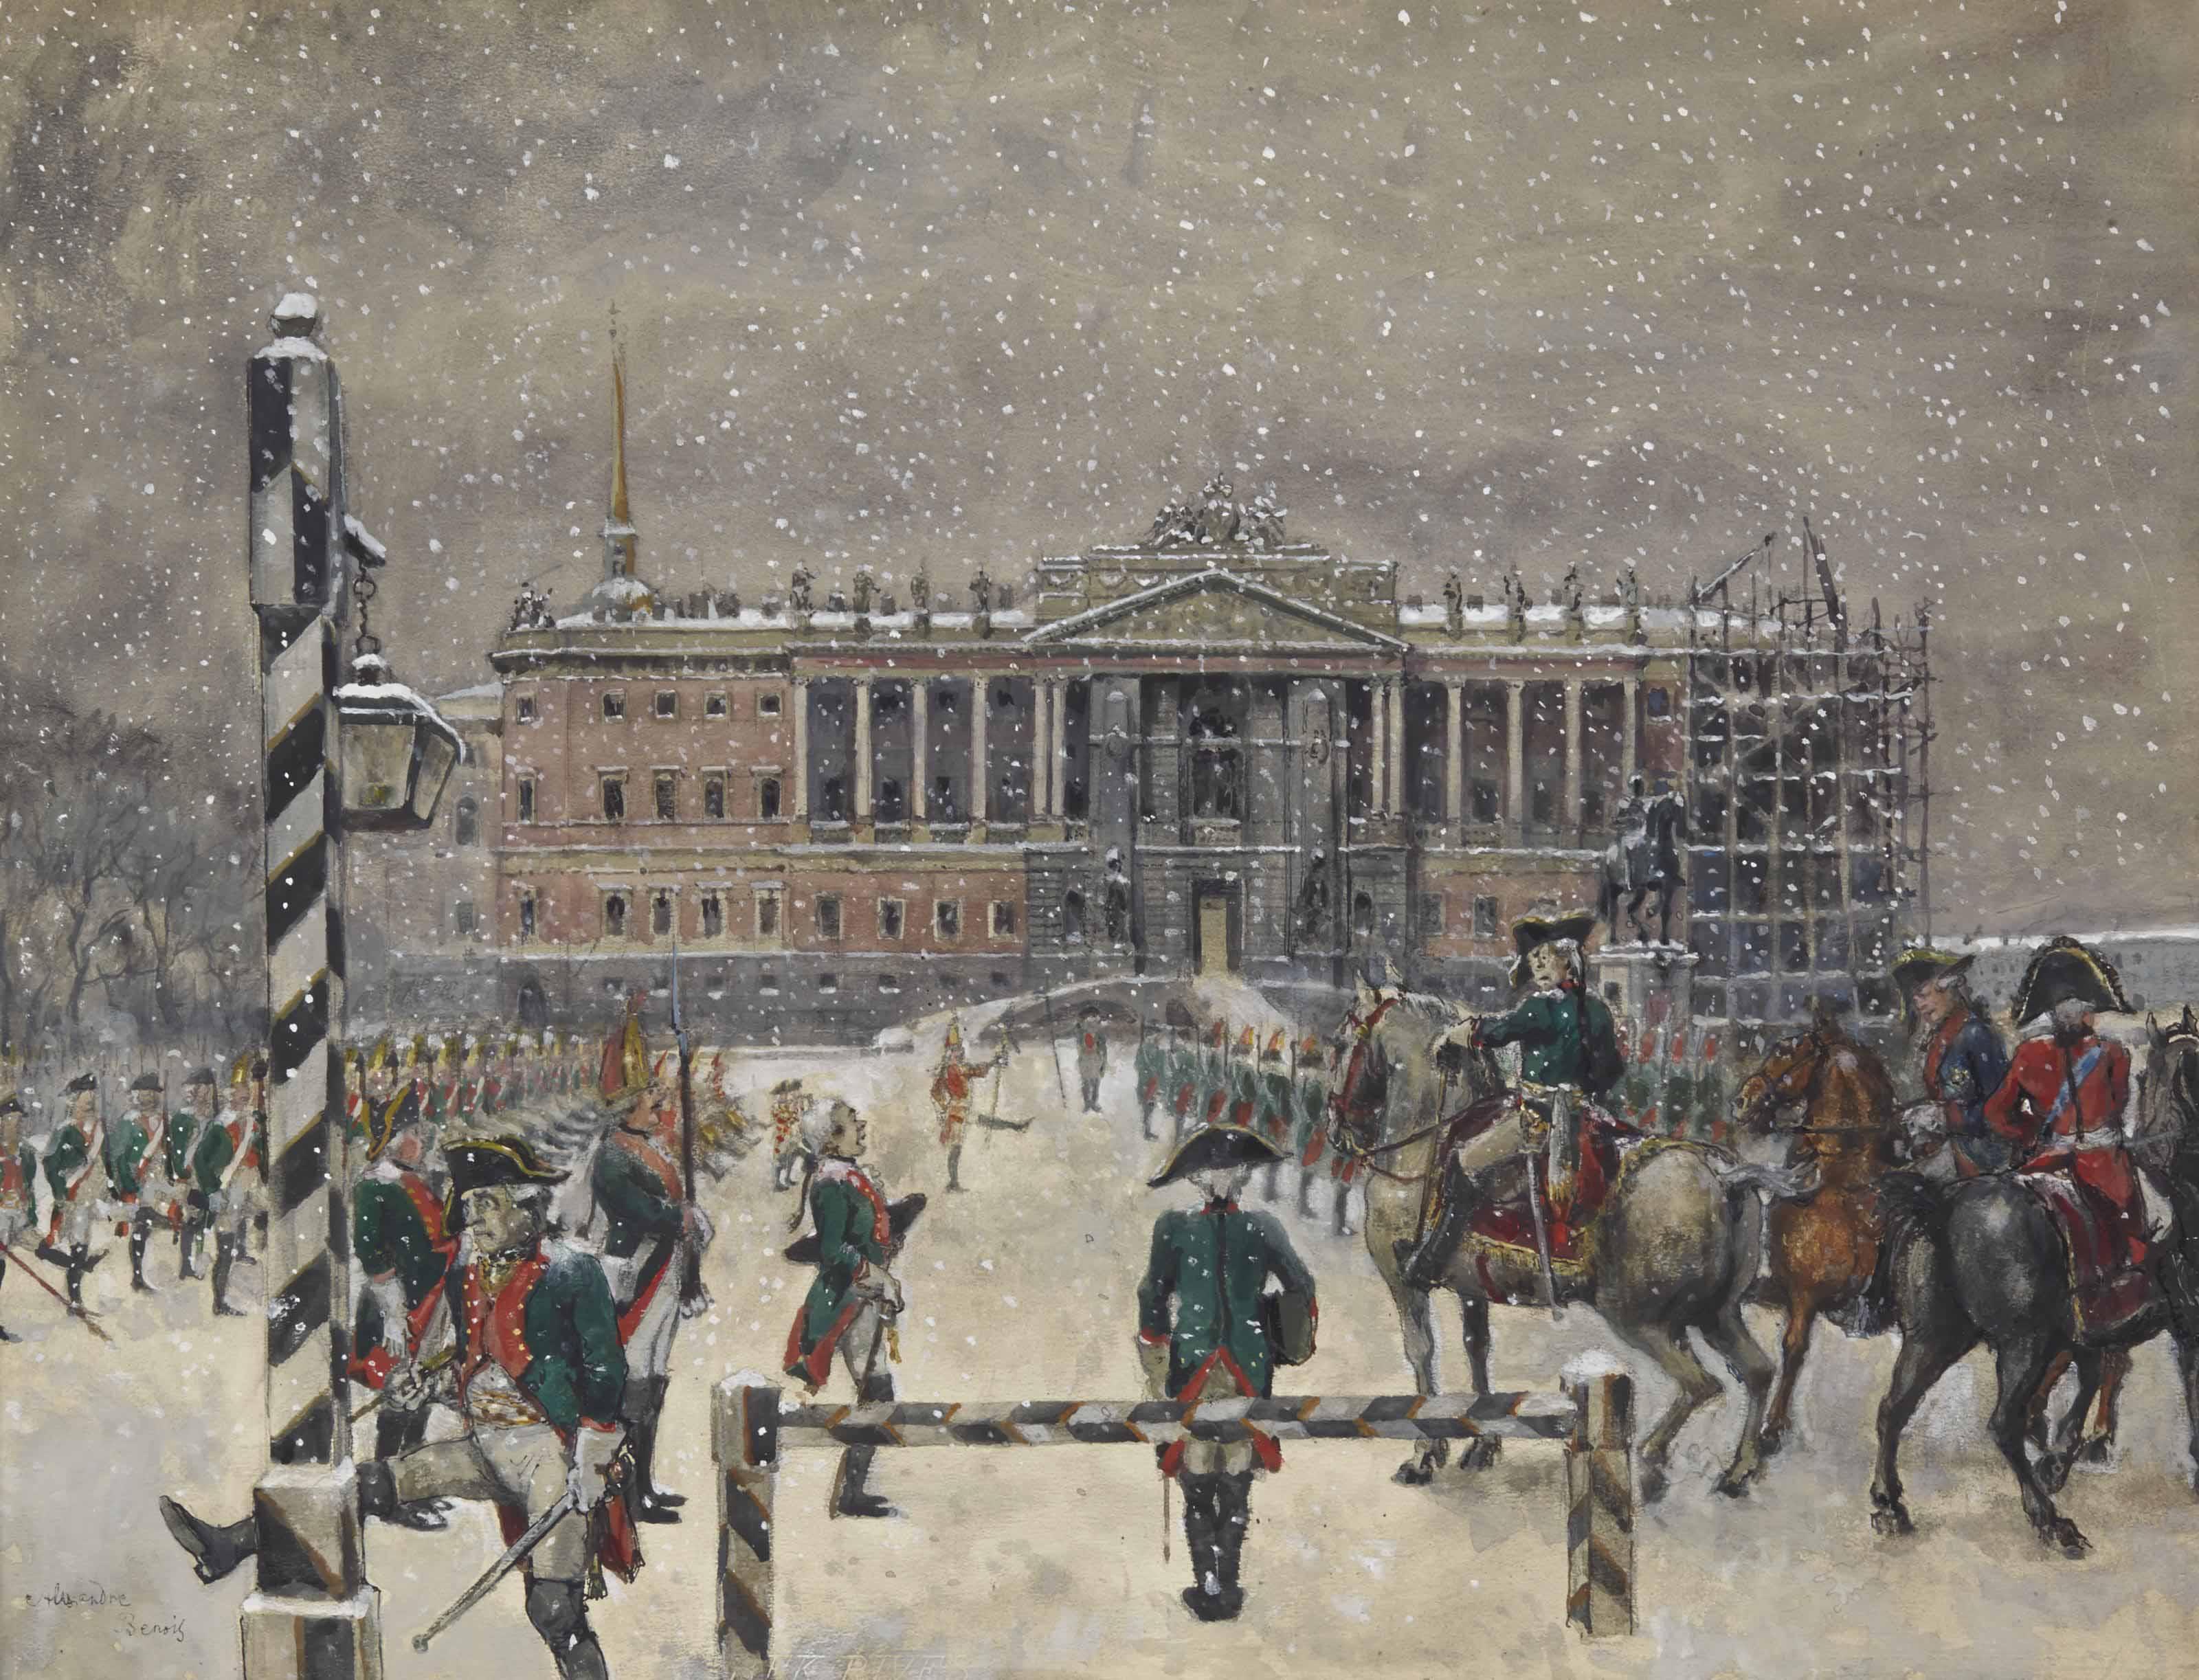 La revue de la Garde passée par l'Empereur Paul Ier devant le Château Michel (6 janvier 1801)